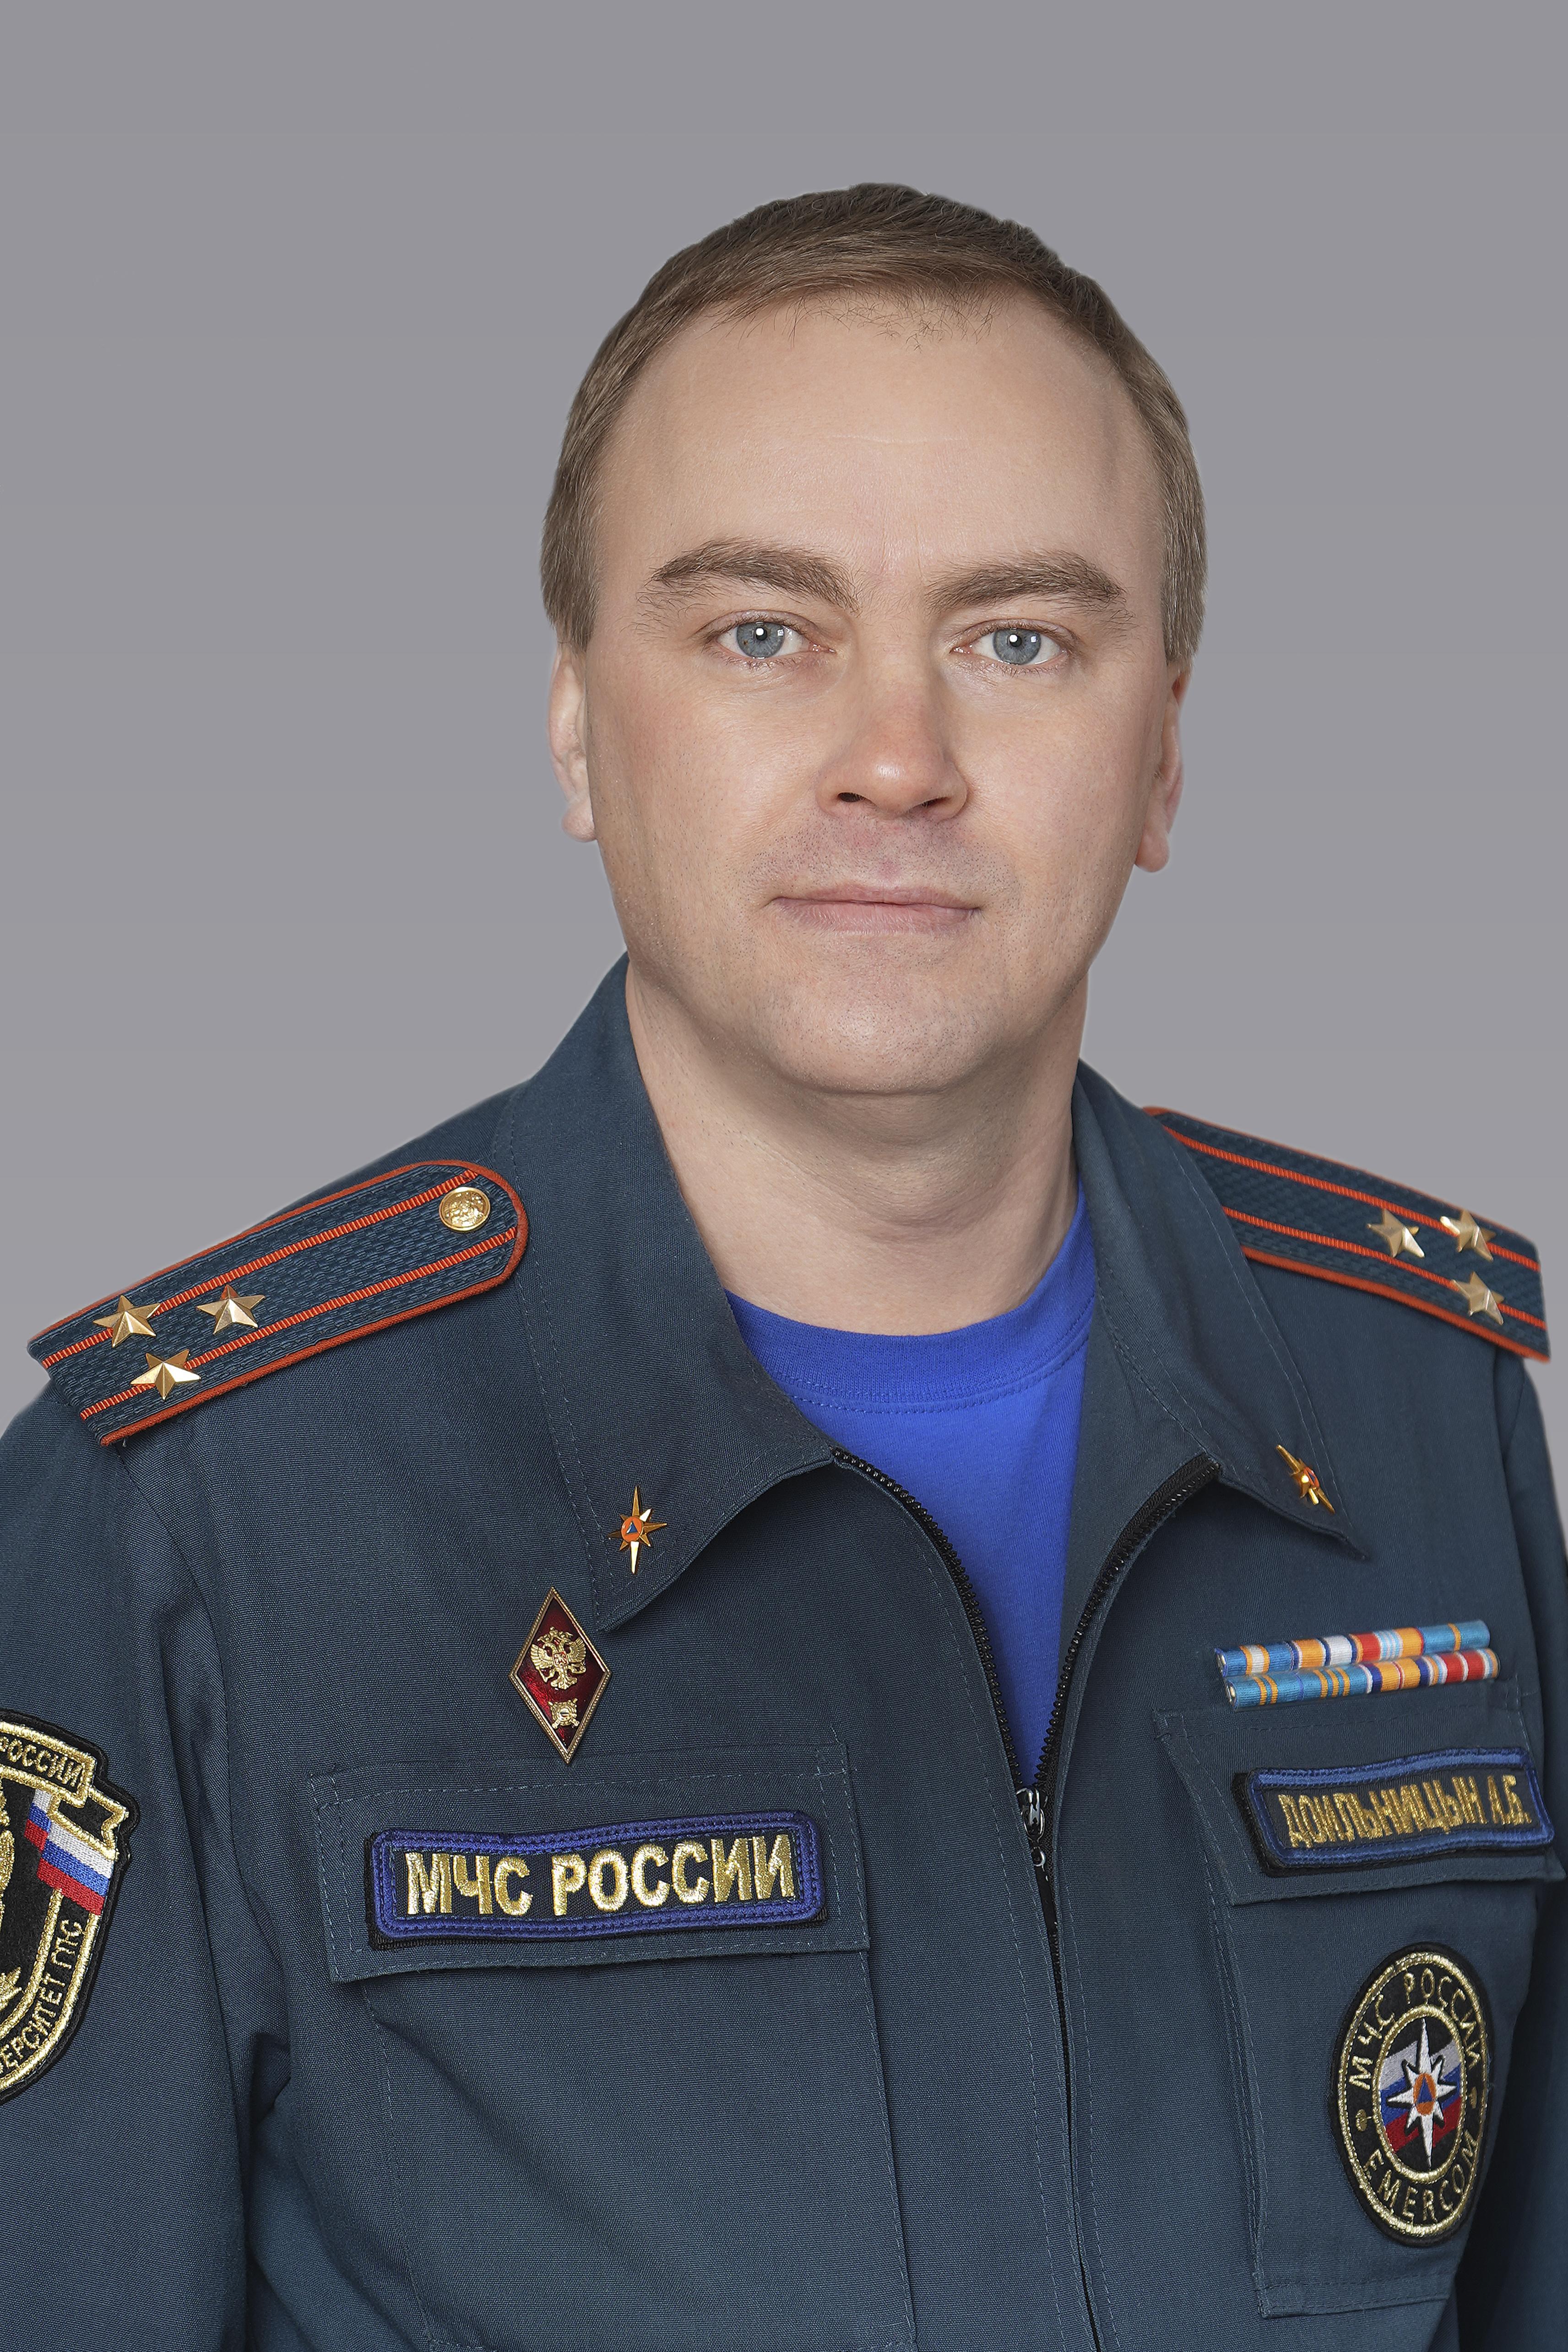 Доильницын Алексей Борисович